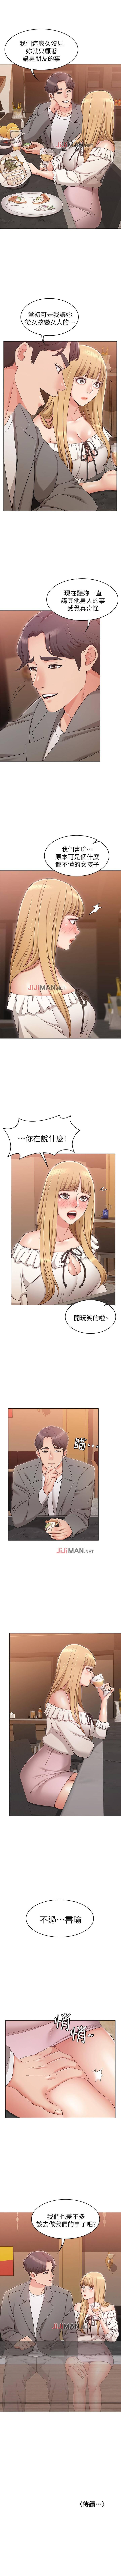 【周六连载】女友的姐姐(作者:橡果人&獵狗) 第1~14话 59